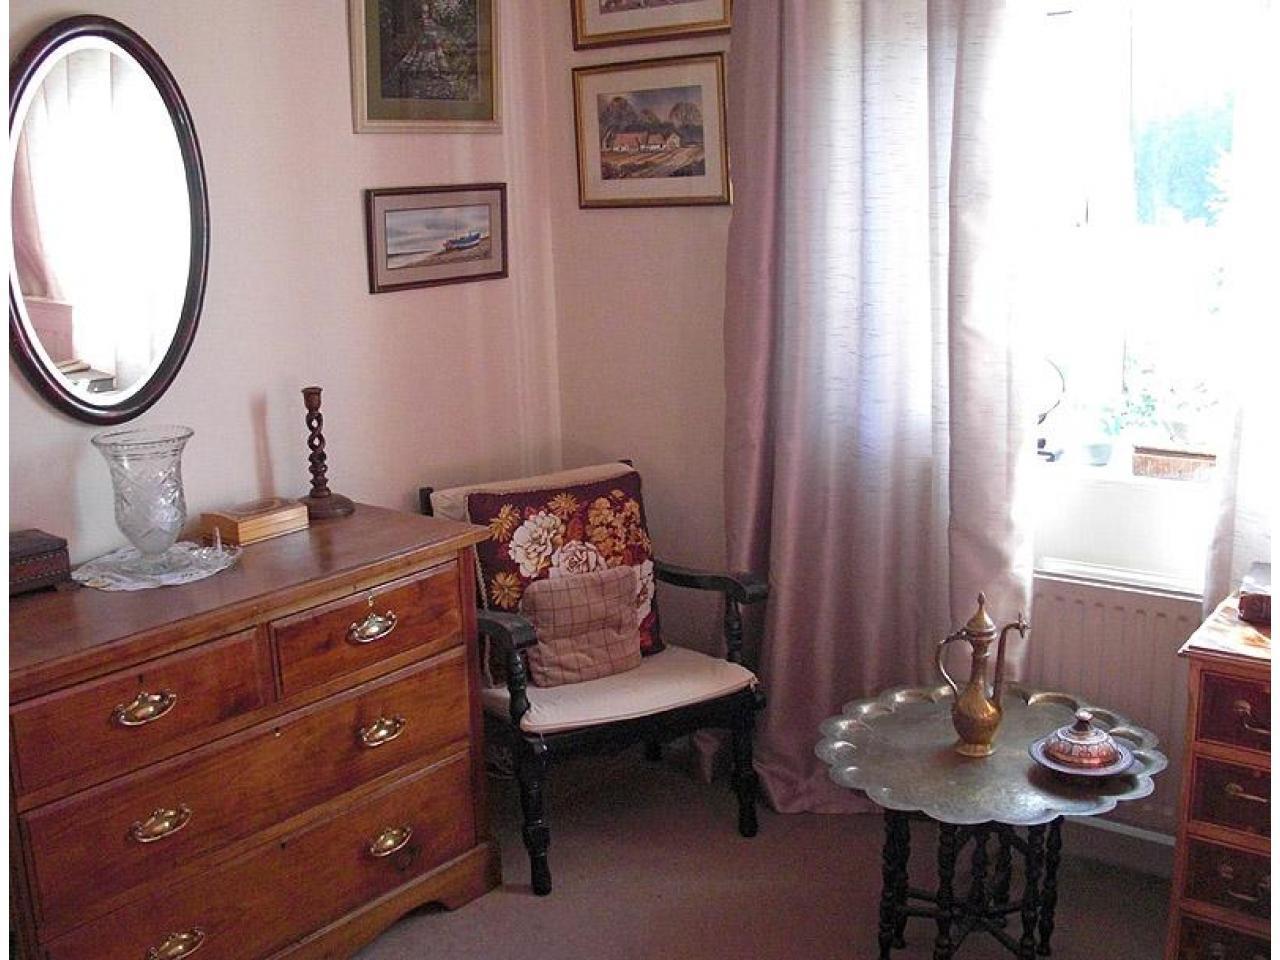 Сдается сингл комната в Твикенэме (West London, Borough of Richmond) - 2